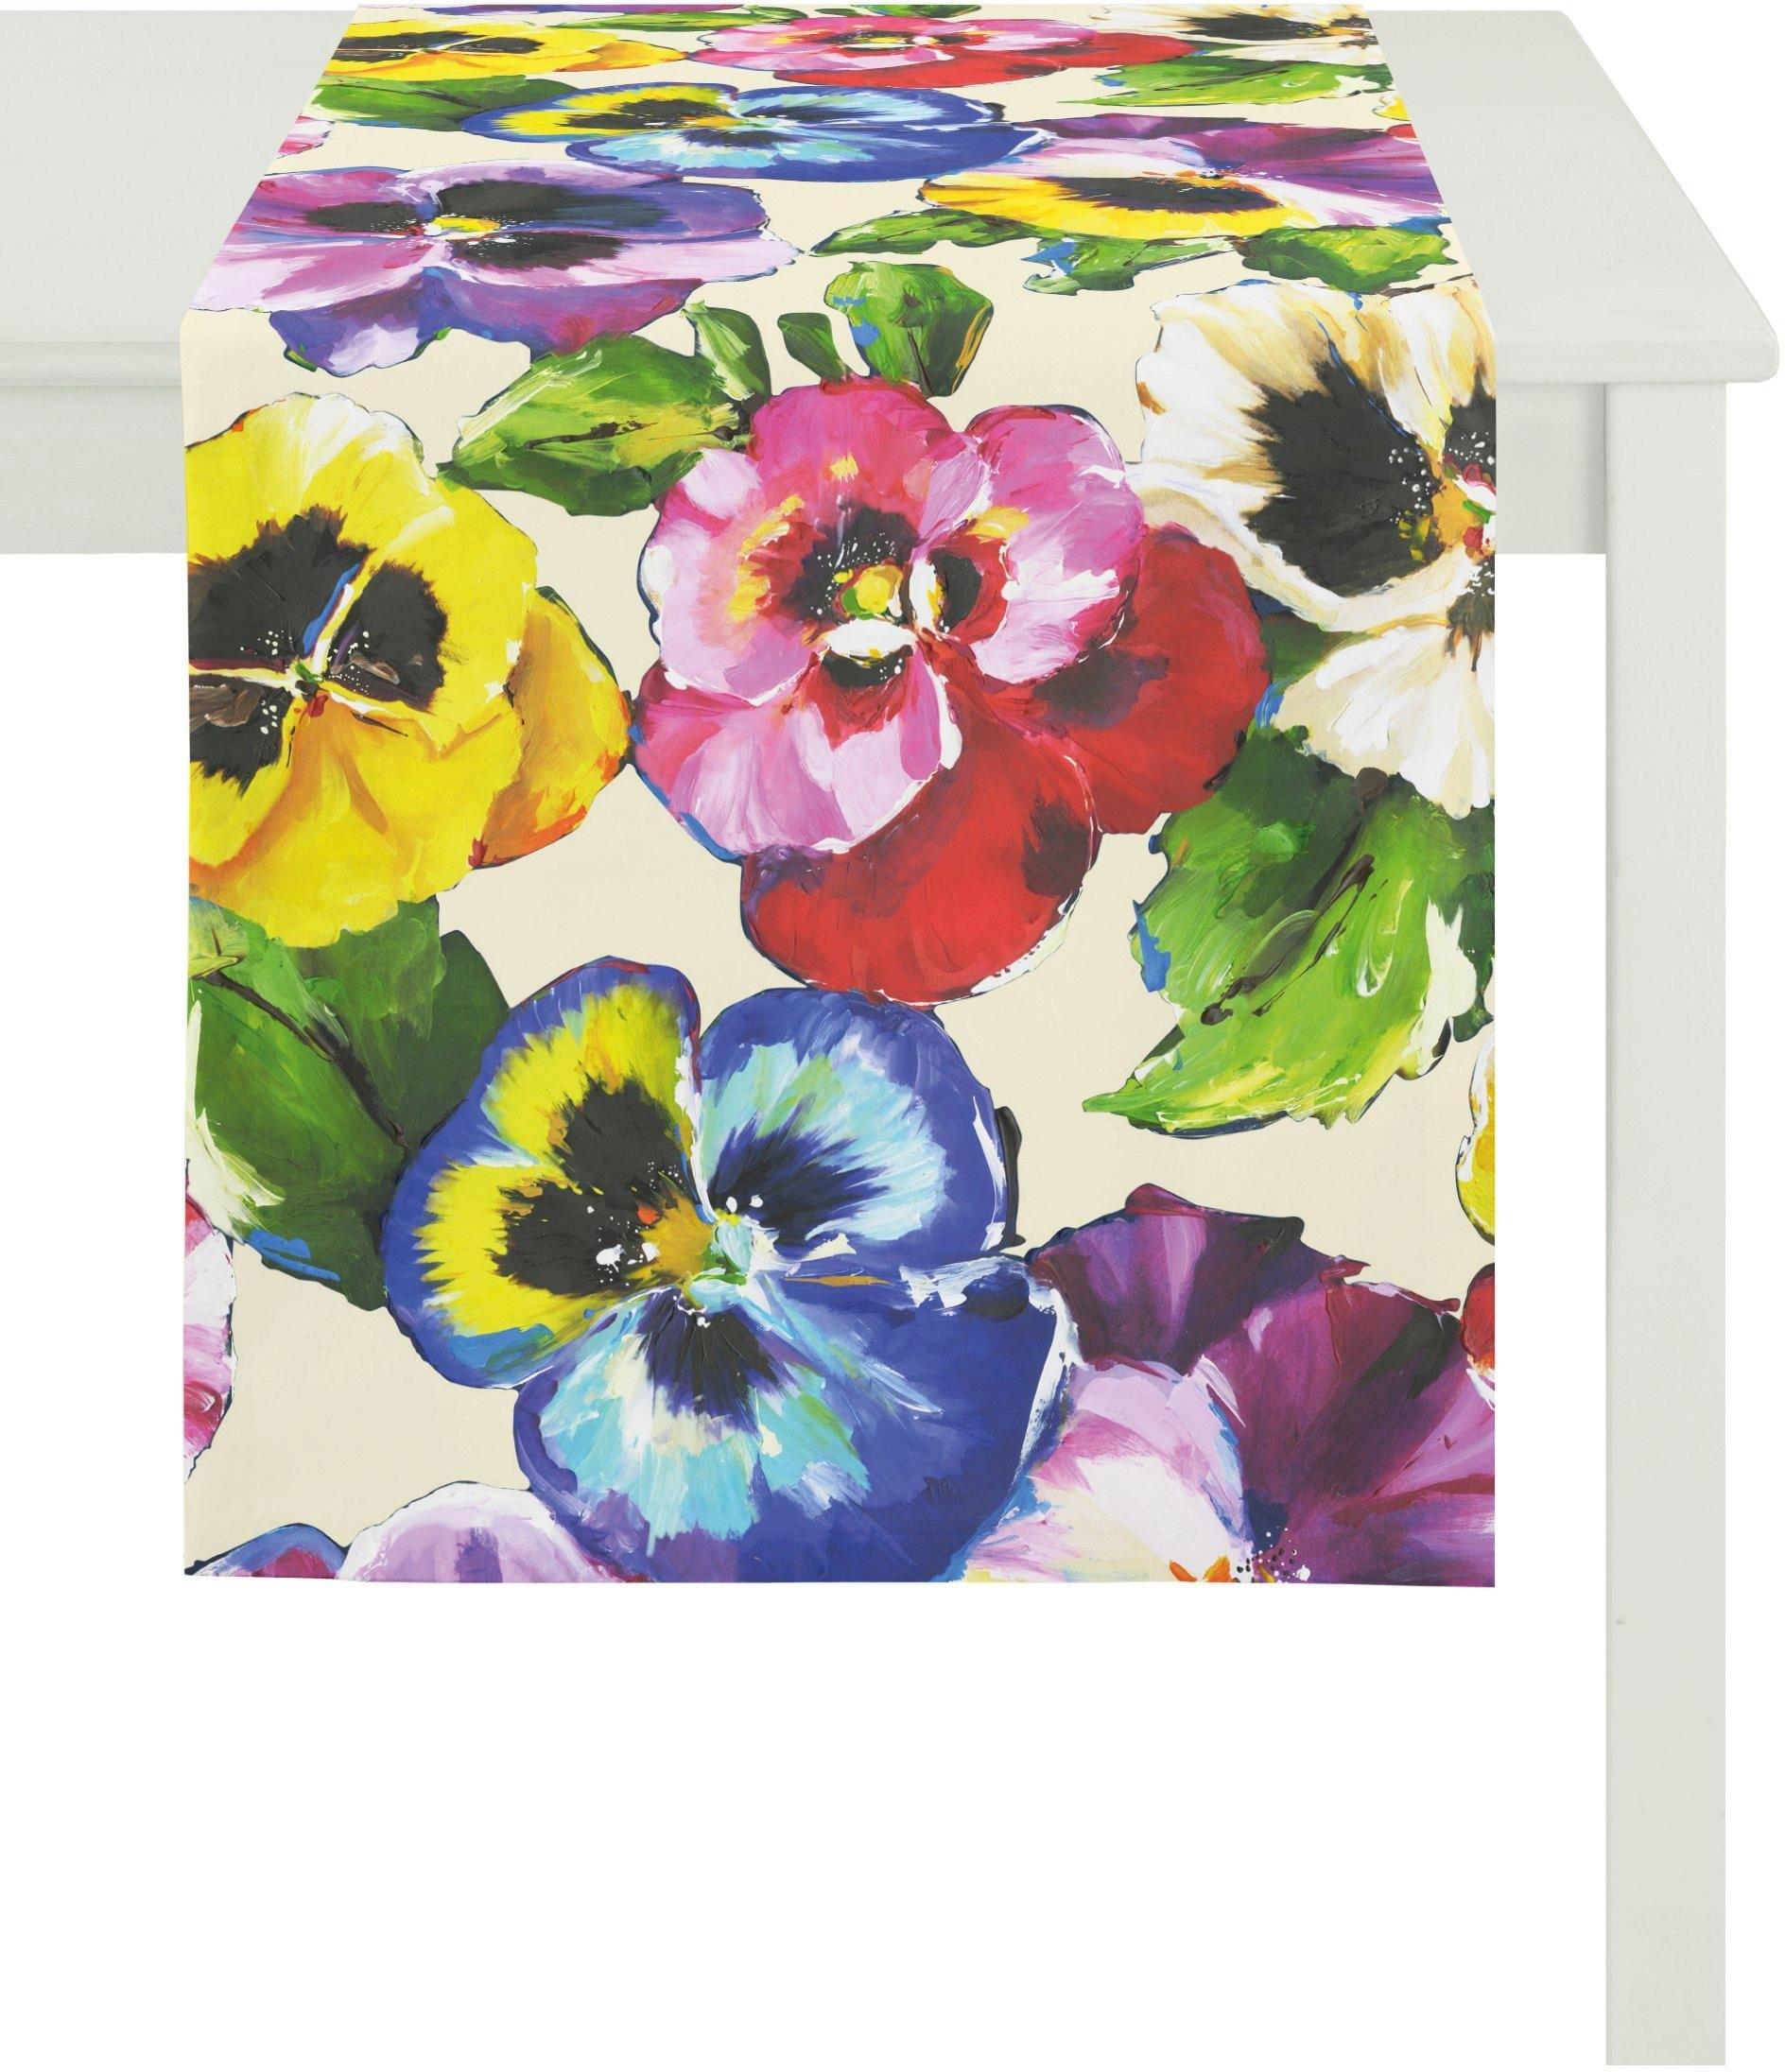 APELT tafelloper 9584 SUMMER GARDEN (1 stuk) goedkoop op otto.nl kopen